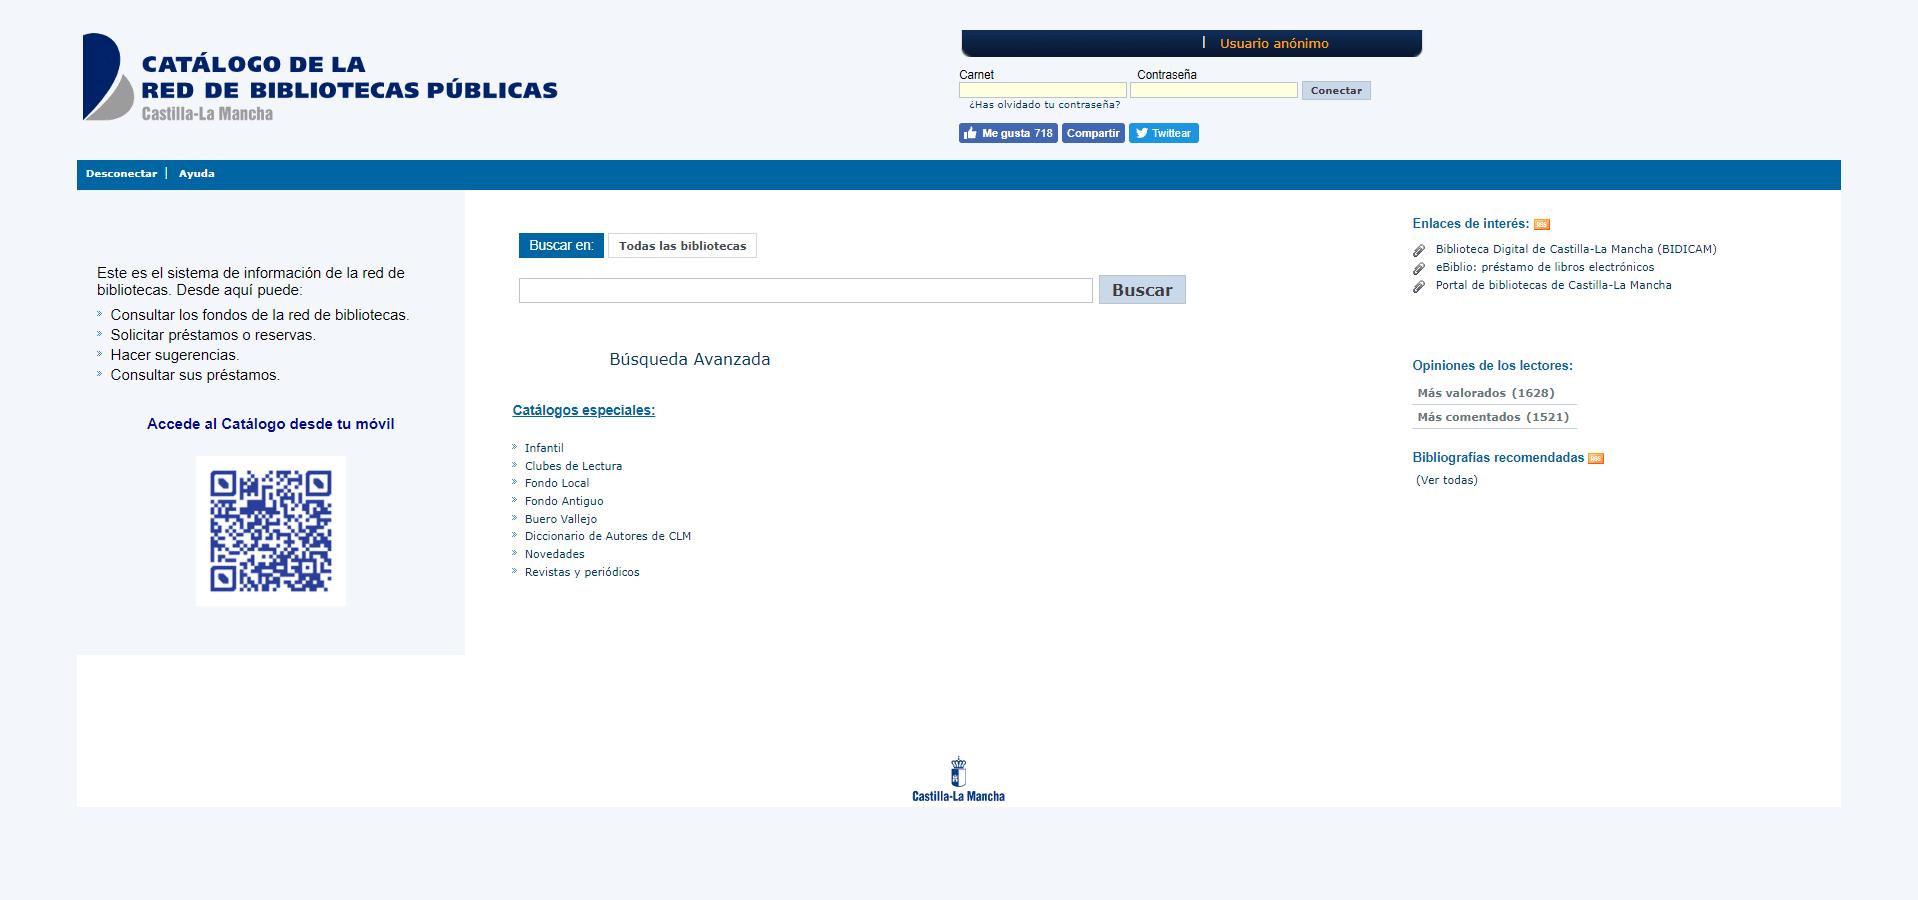 Catálogo de la Red de Bibliotecas Públicas de Castilla - La Mancha